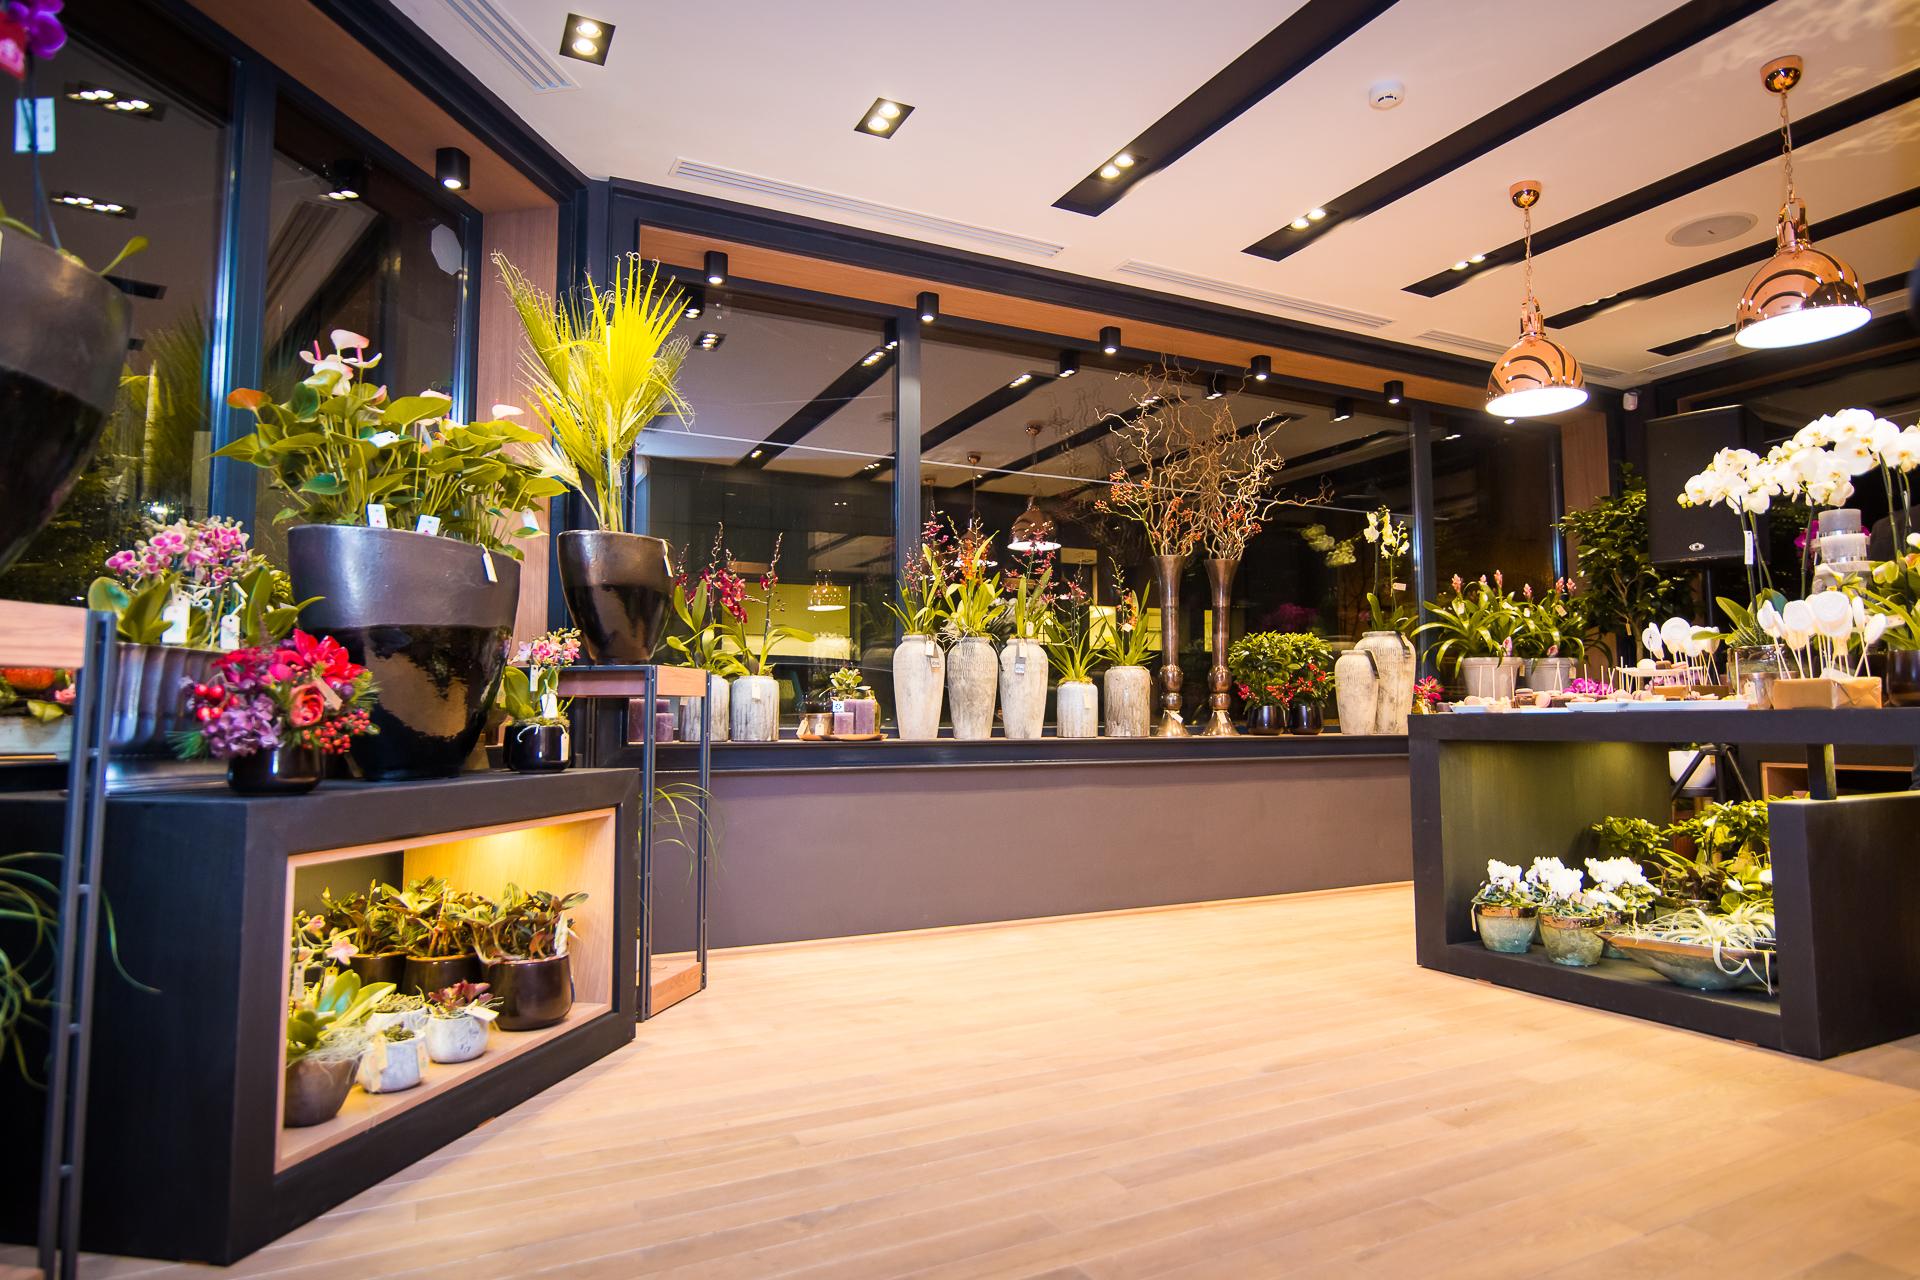 Floria în Stradă: florăria destinație pentru flori